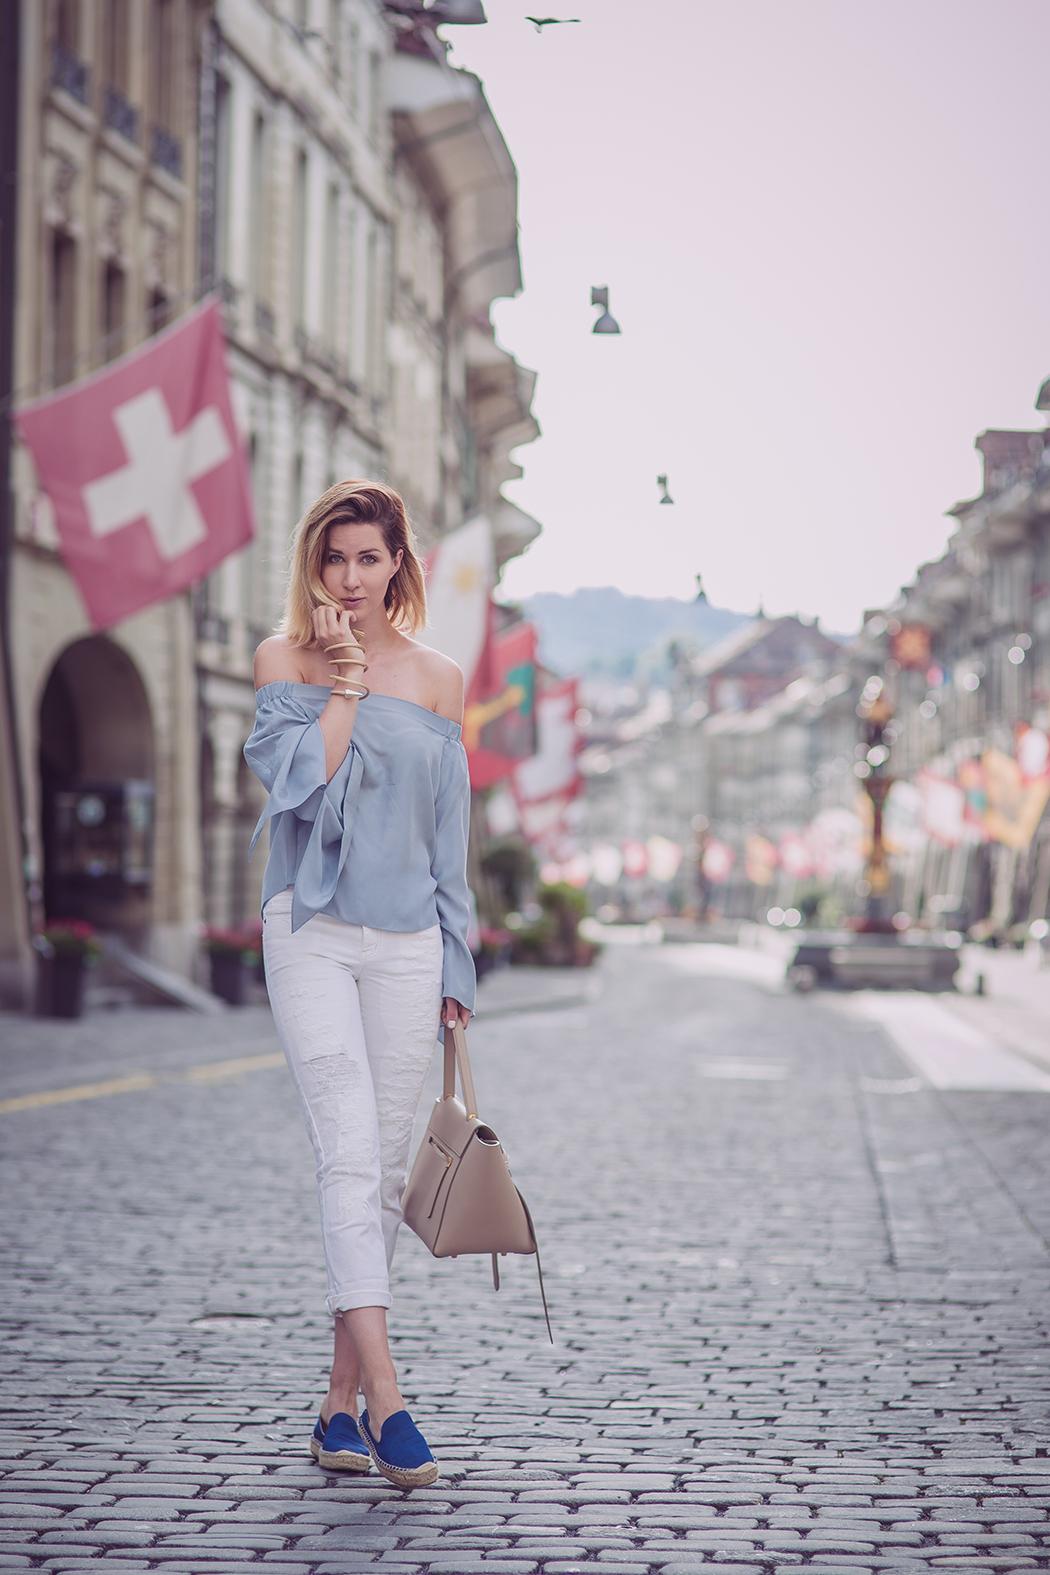 Fashionblog-Fashionblogger-Fashion-Blog-Blogger-Muenchen-Deutschland-Lindarella-The_Outnet-Celine-Bag-Overshoulder-Bluse-2-web